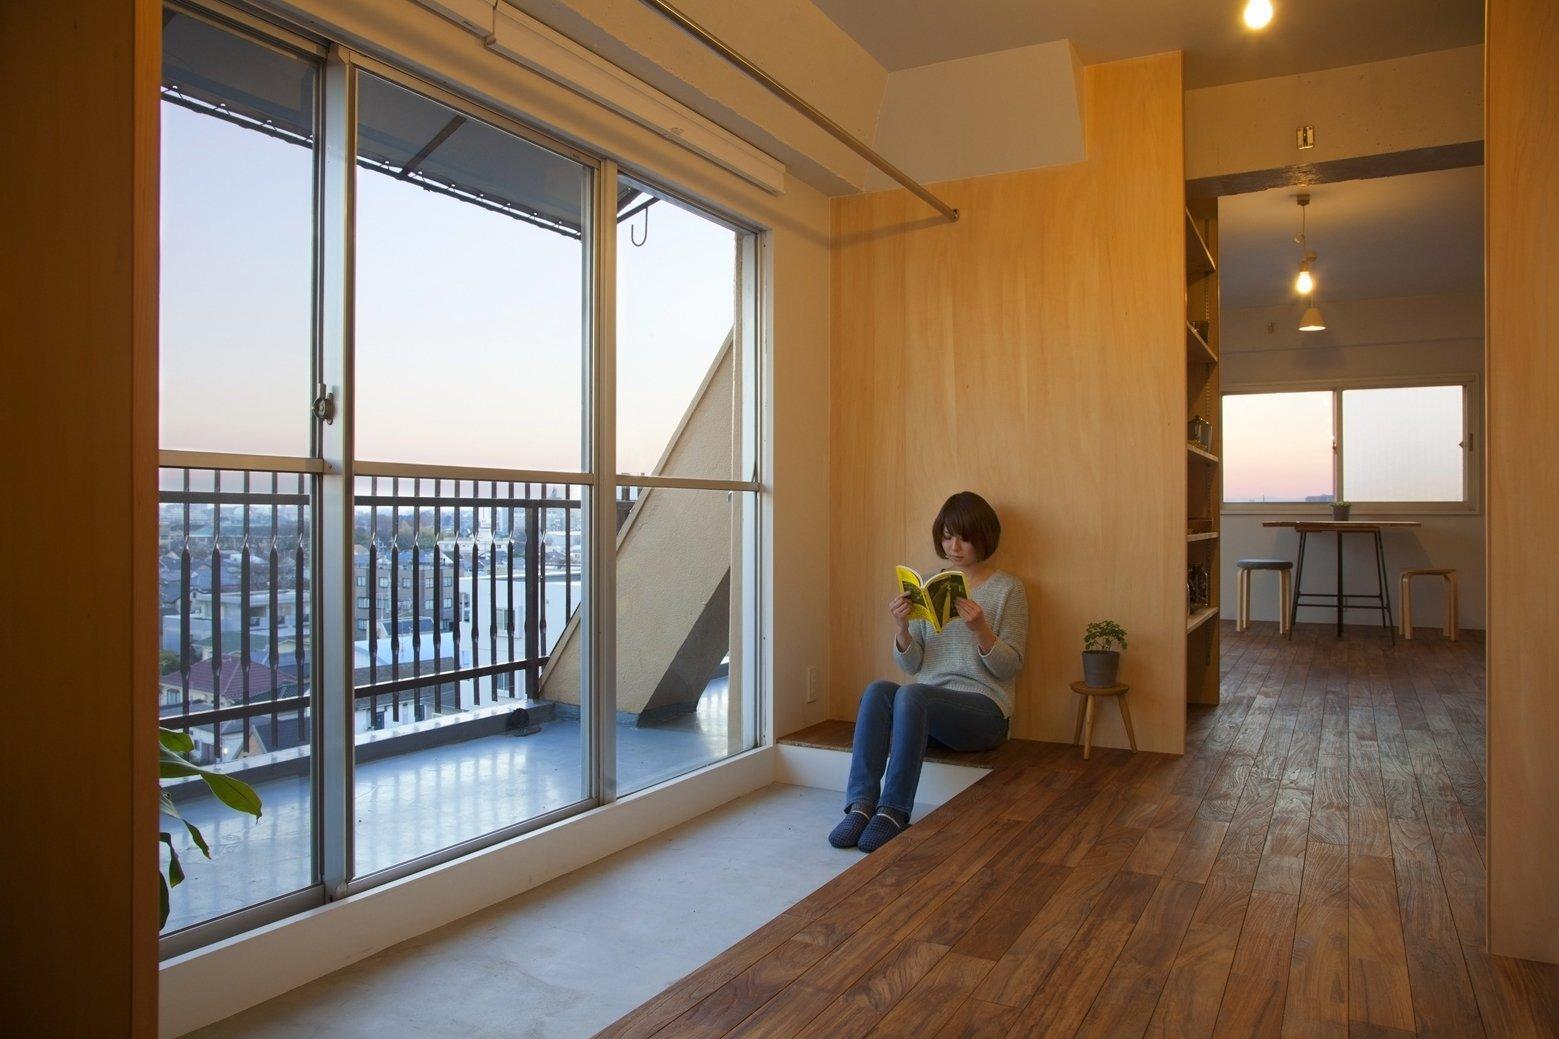 Wing Wall House - Camp Design Inc + Sumosaga Fudosan - Tokyo Japan - Livingroom - Humble Homes